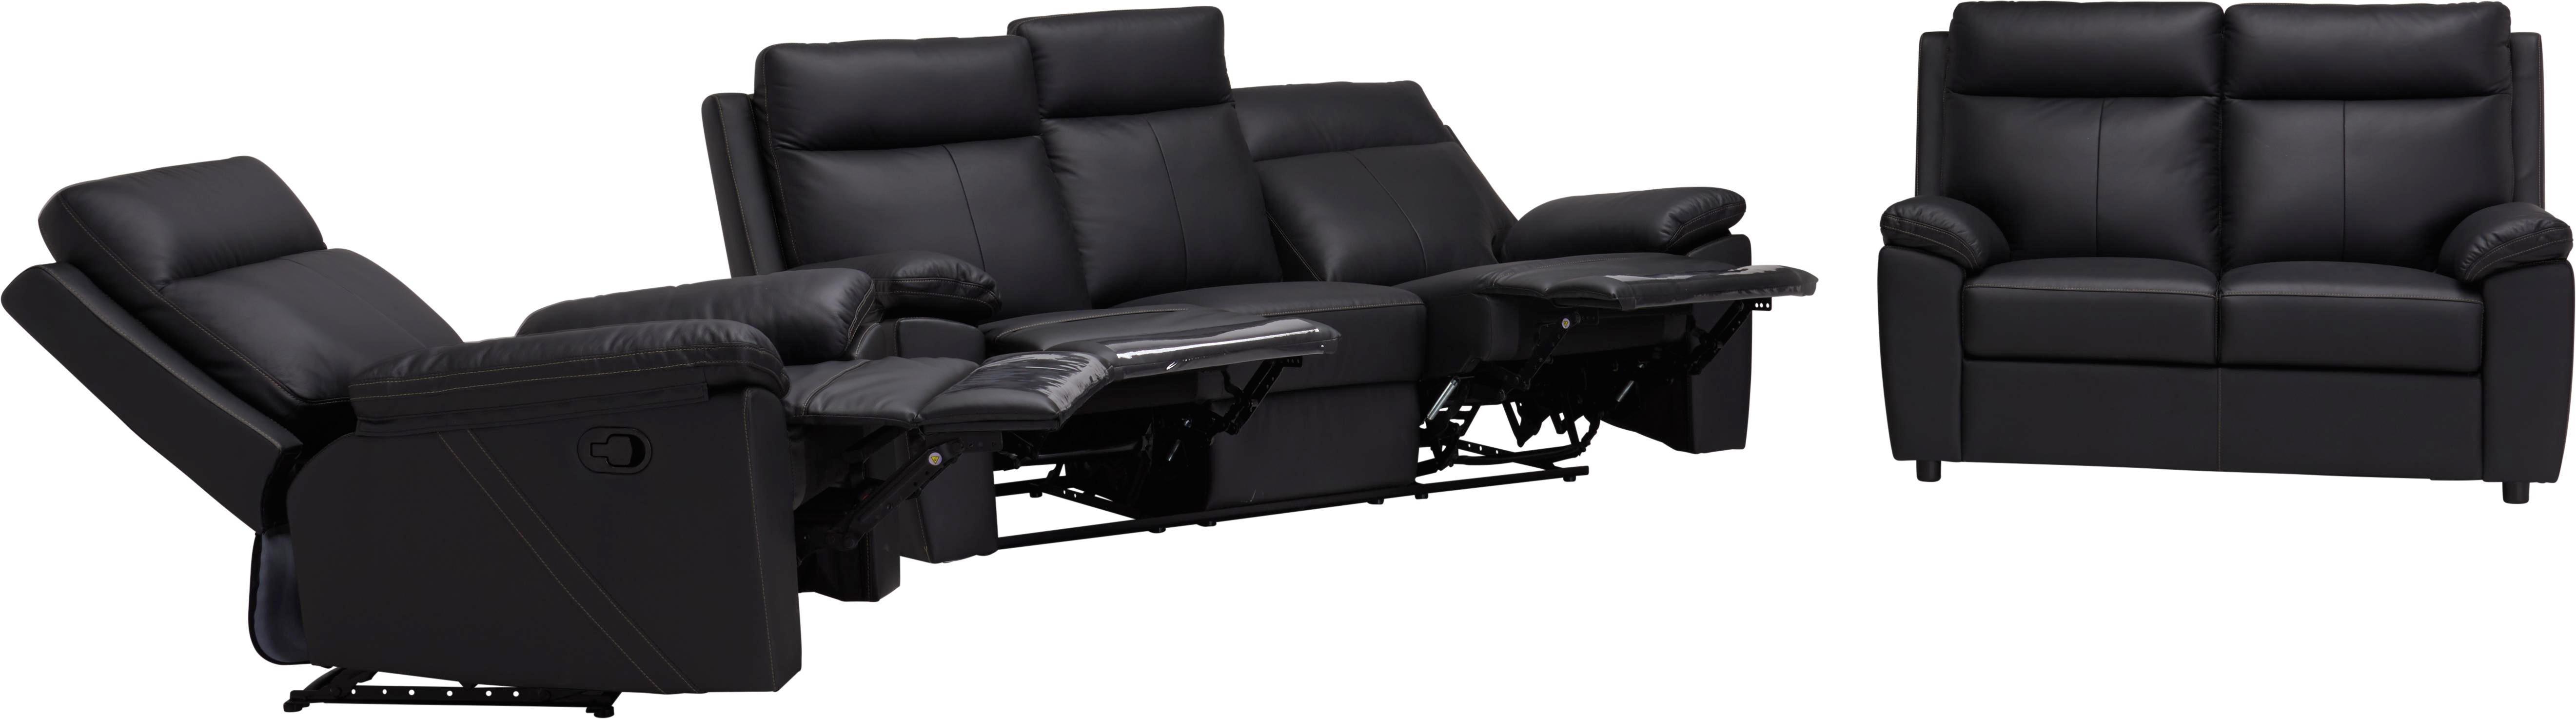 SOFFGRUPP - creme/svart, Klassisk, läder/textil (199/103/92cm) - Xora